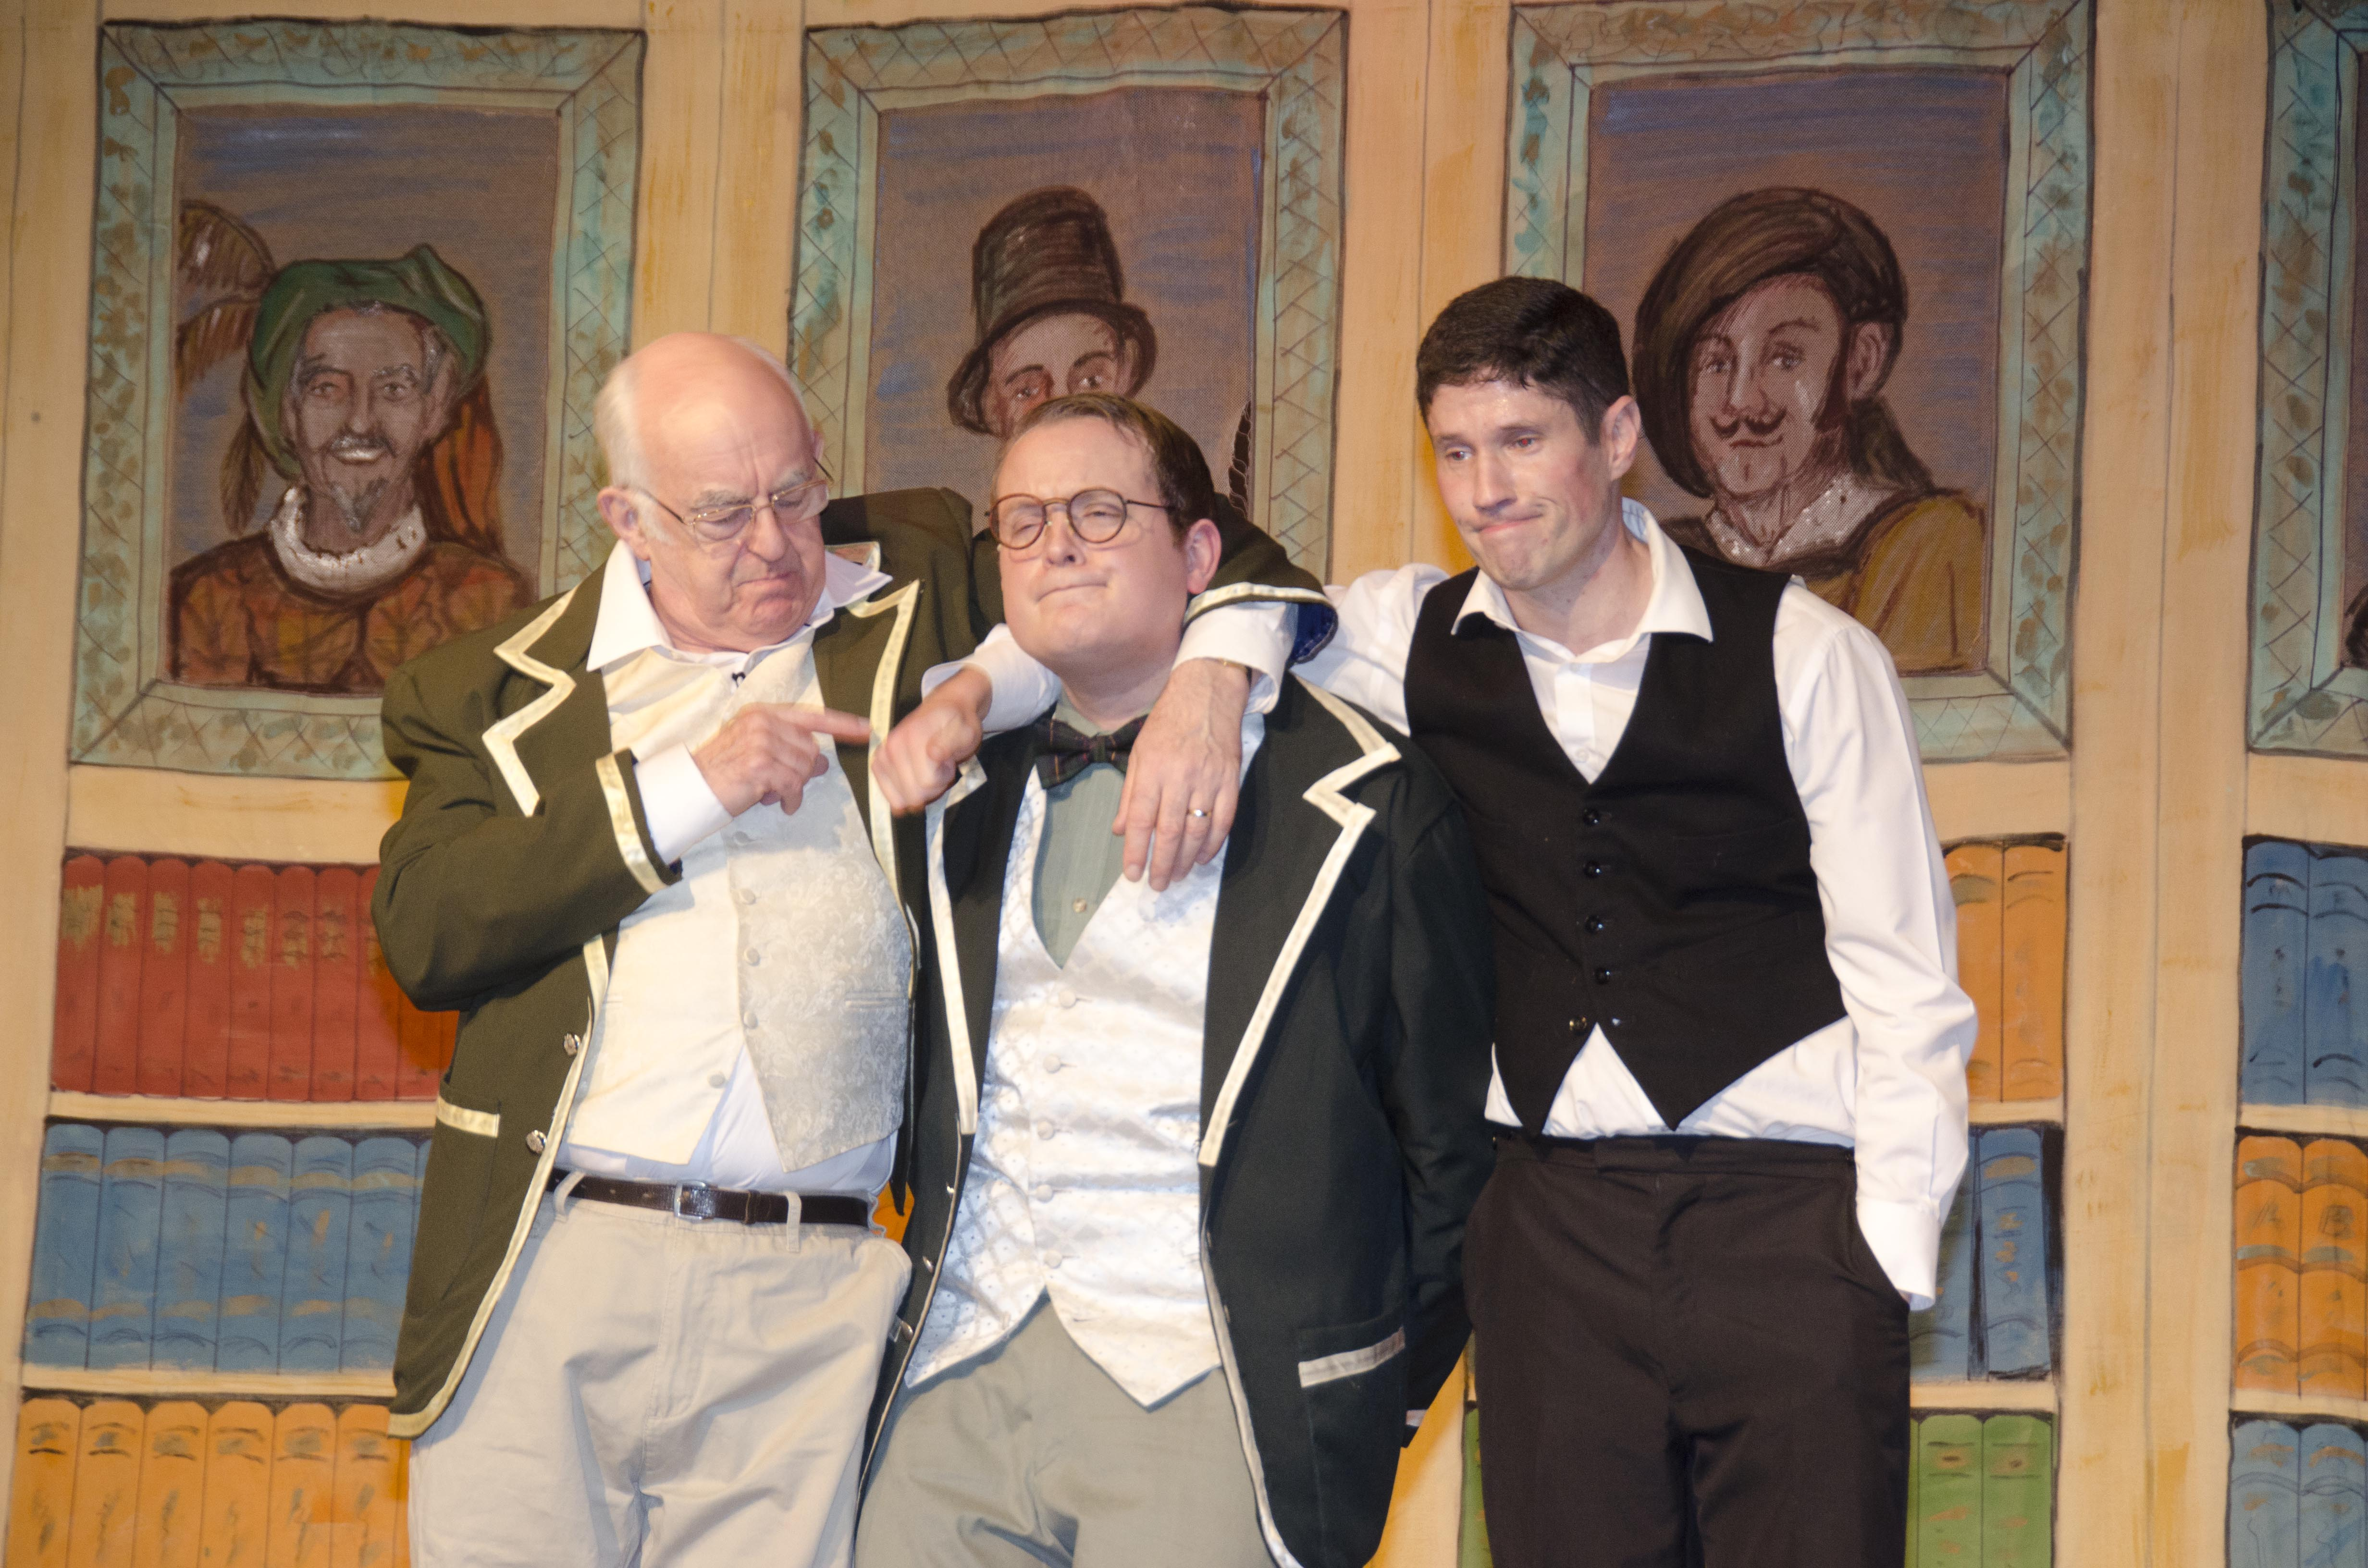 Sir John, Parchester & Bill